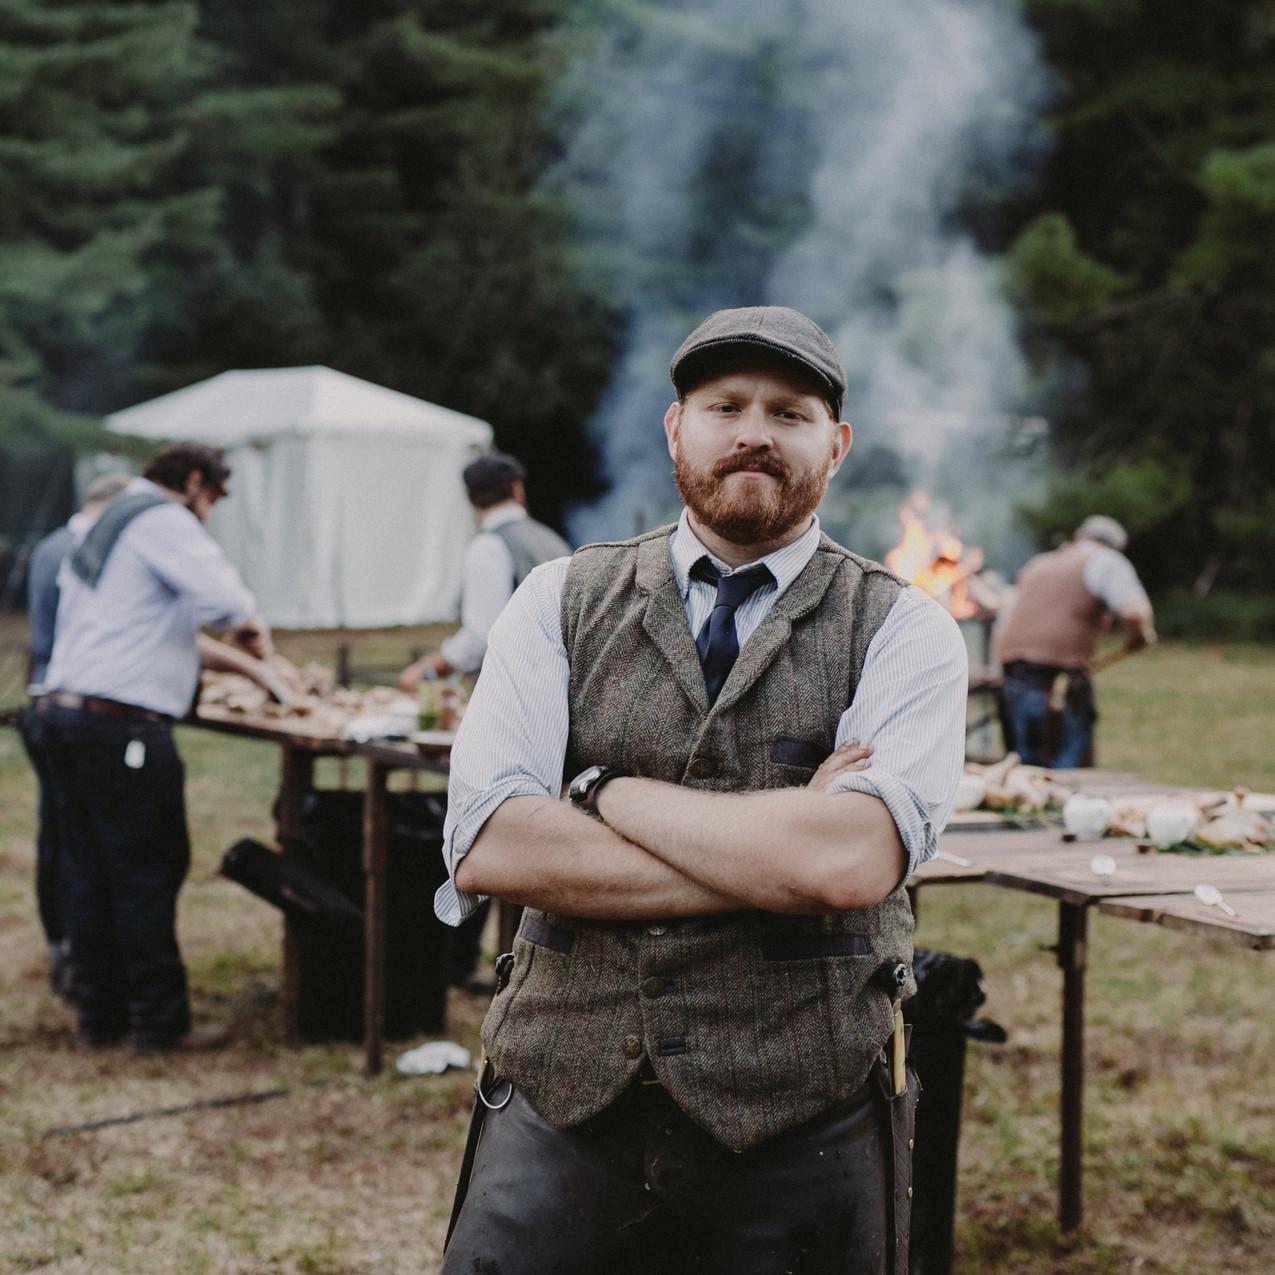 Chef James Gop